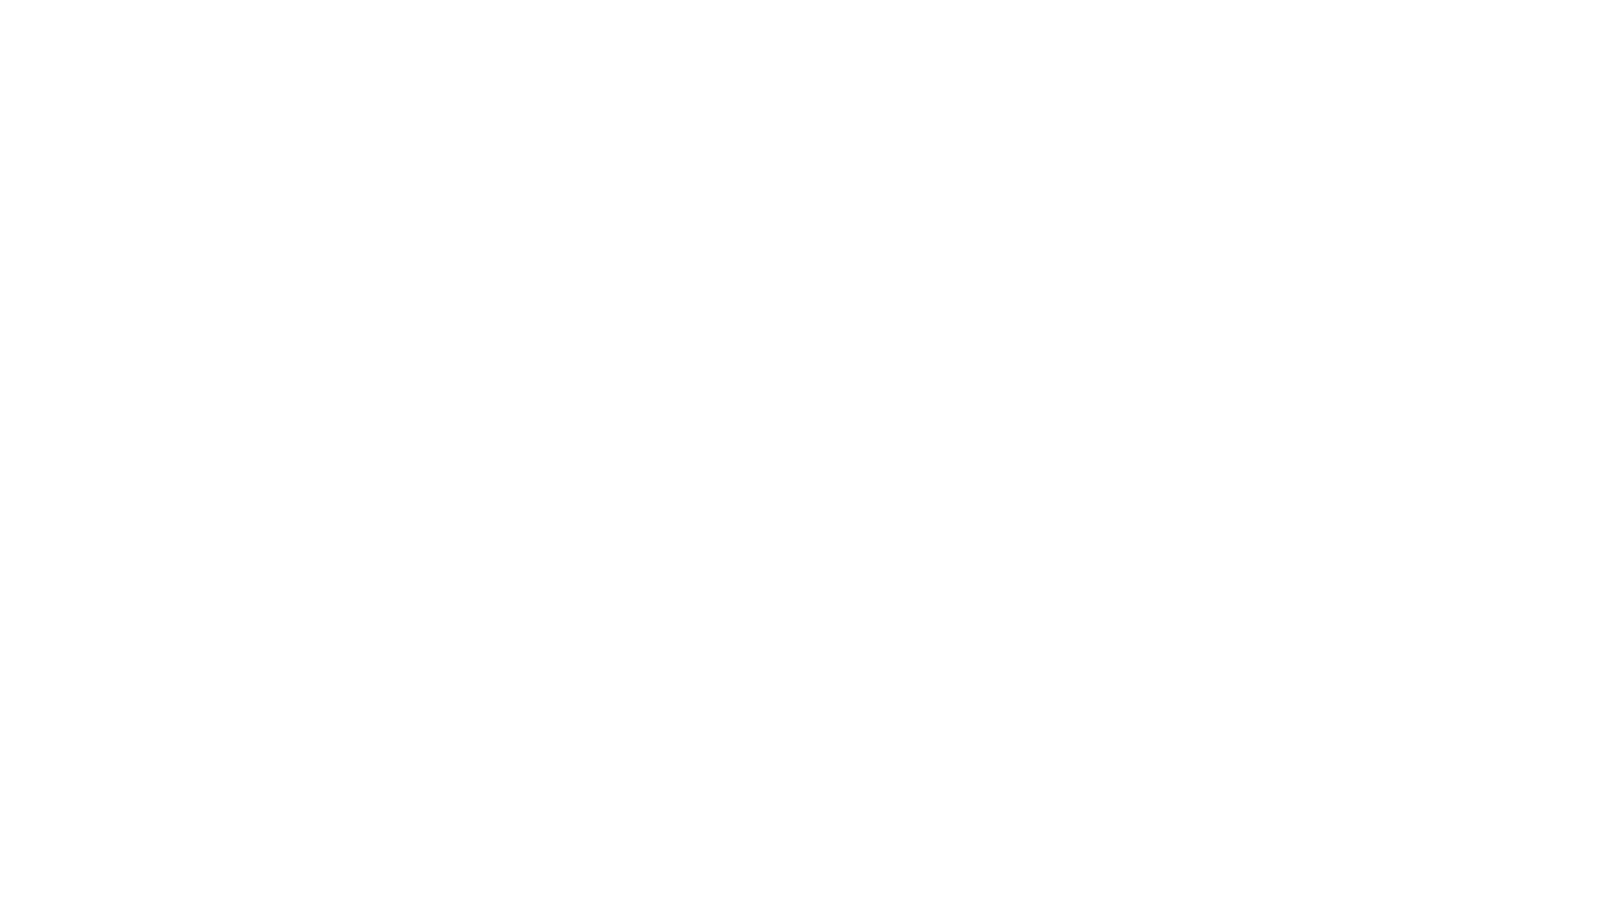 """Deambular por el desierto es la mejor imagen del interminable proceso catalán. Desde que Jordi Pujol confesó su """"pequeña"""" culpa patrimonial, las placas tectónicas del nacionalismo empezaron a deslizarse cuesta abajo en un continuo desgaste causado por los choques y enfrentamientos entre las mismas. La vieja Convergencia saltó hecha en mil pedazos sin que Artur Mas pudiera evitarlo. Puigdemont, elegido como hombre de paja por Artur Mas, cobró vida como el homónimo del Mago de Hoz. Surfeando hacia el abismo, montado en su propia placa teutónica electoral, hubo de saltar a Waterloo antes de pegarse un leñazo con la justicia. Dejó a su vez al hombre de hojalata, Quim Torra, que girando como una peonza su gran éxito fue conseguir la inhabilitación y asegurarse un sueldo de por vida como el ex presidente de la Generalitat más inútil conocido hasta ahora."""